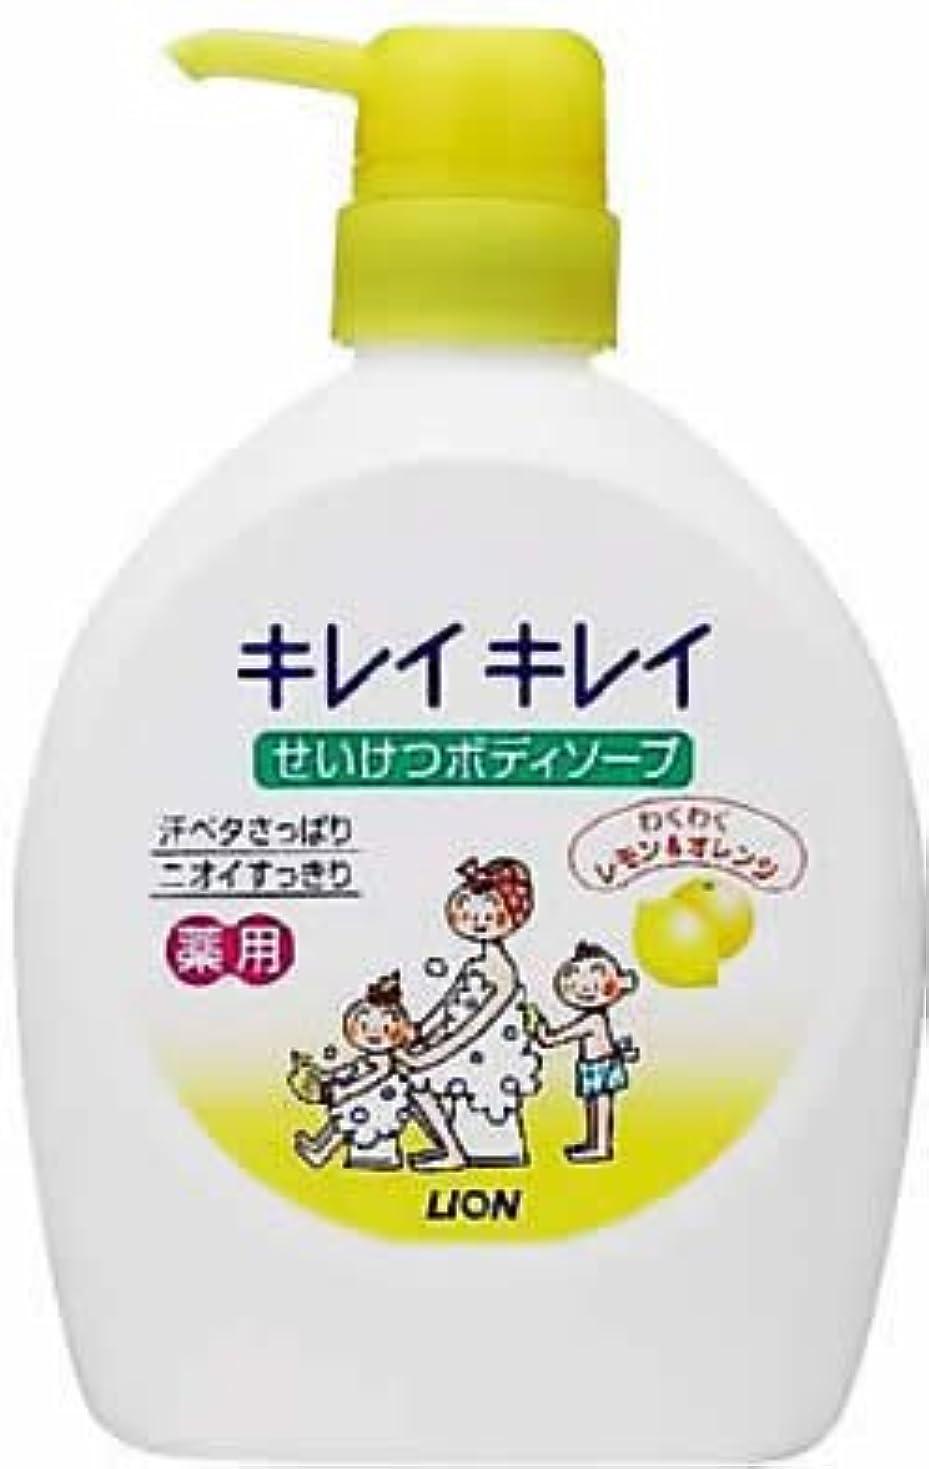 小間びっくりする単なるキレイキレイ せいけつボディソープ わくわくレモン&オレンジの香り 本体ポンプ 580ml